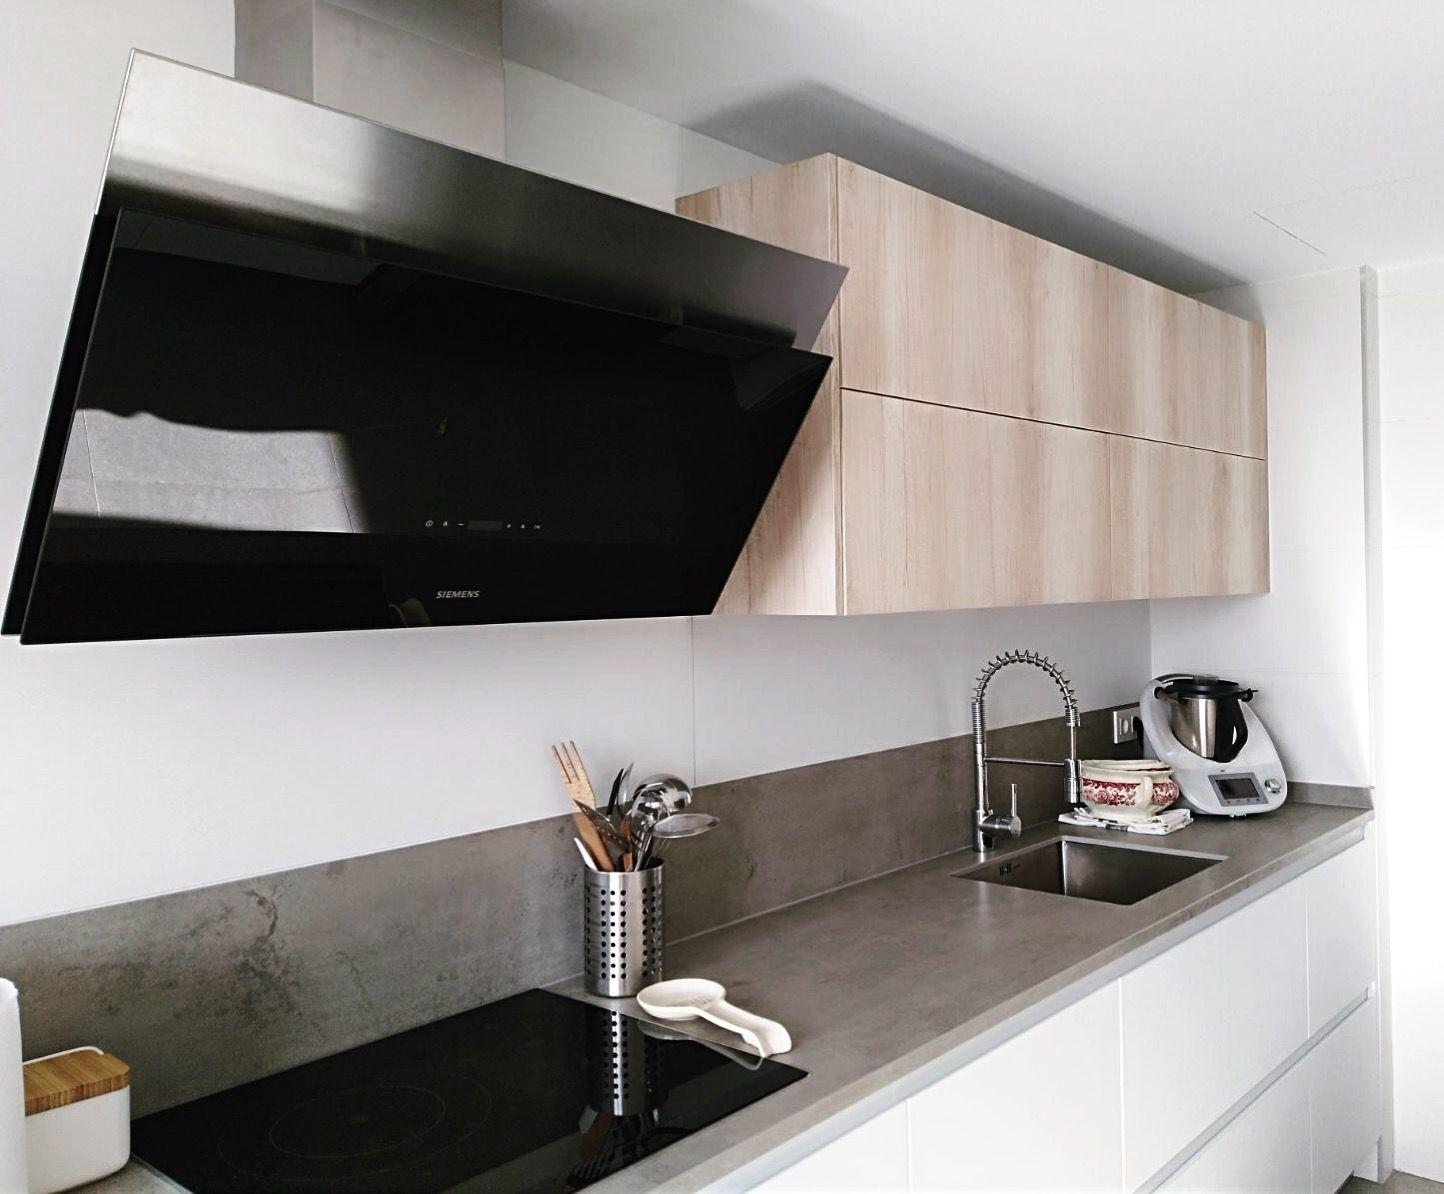 Cocina laca blanca gola en 2019 cocinas cocinas for Encimera de cocina lacada en blanco negro